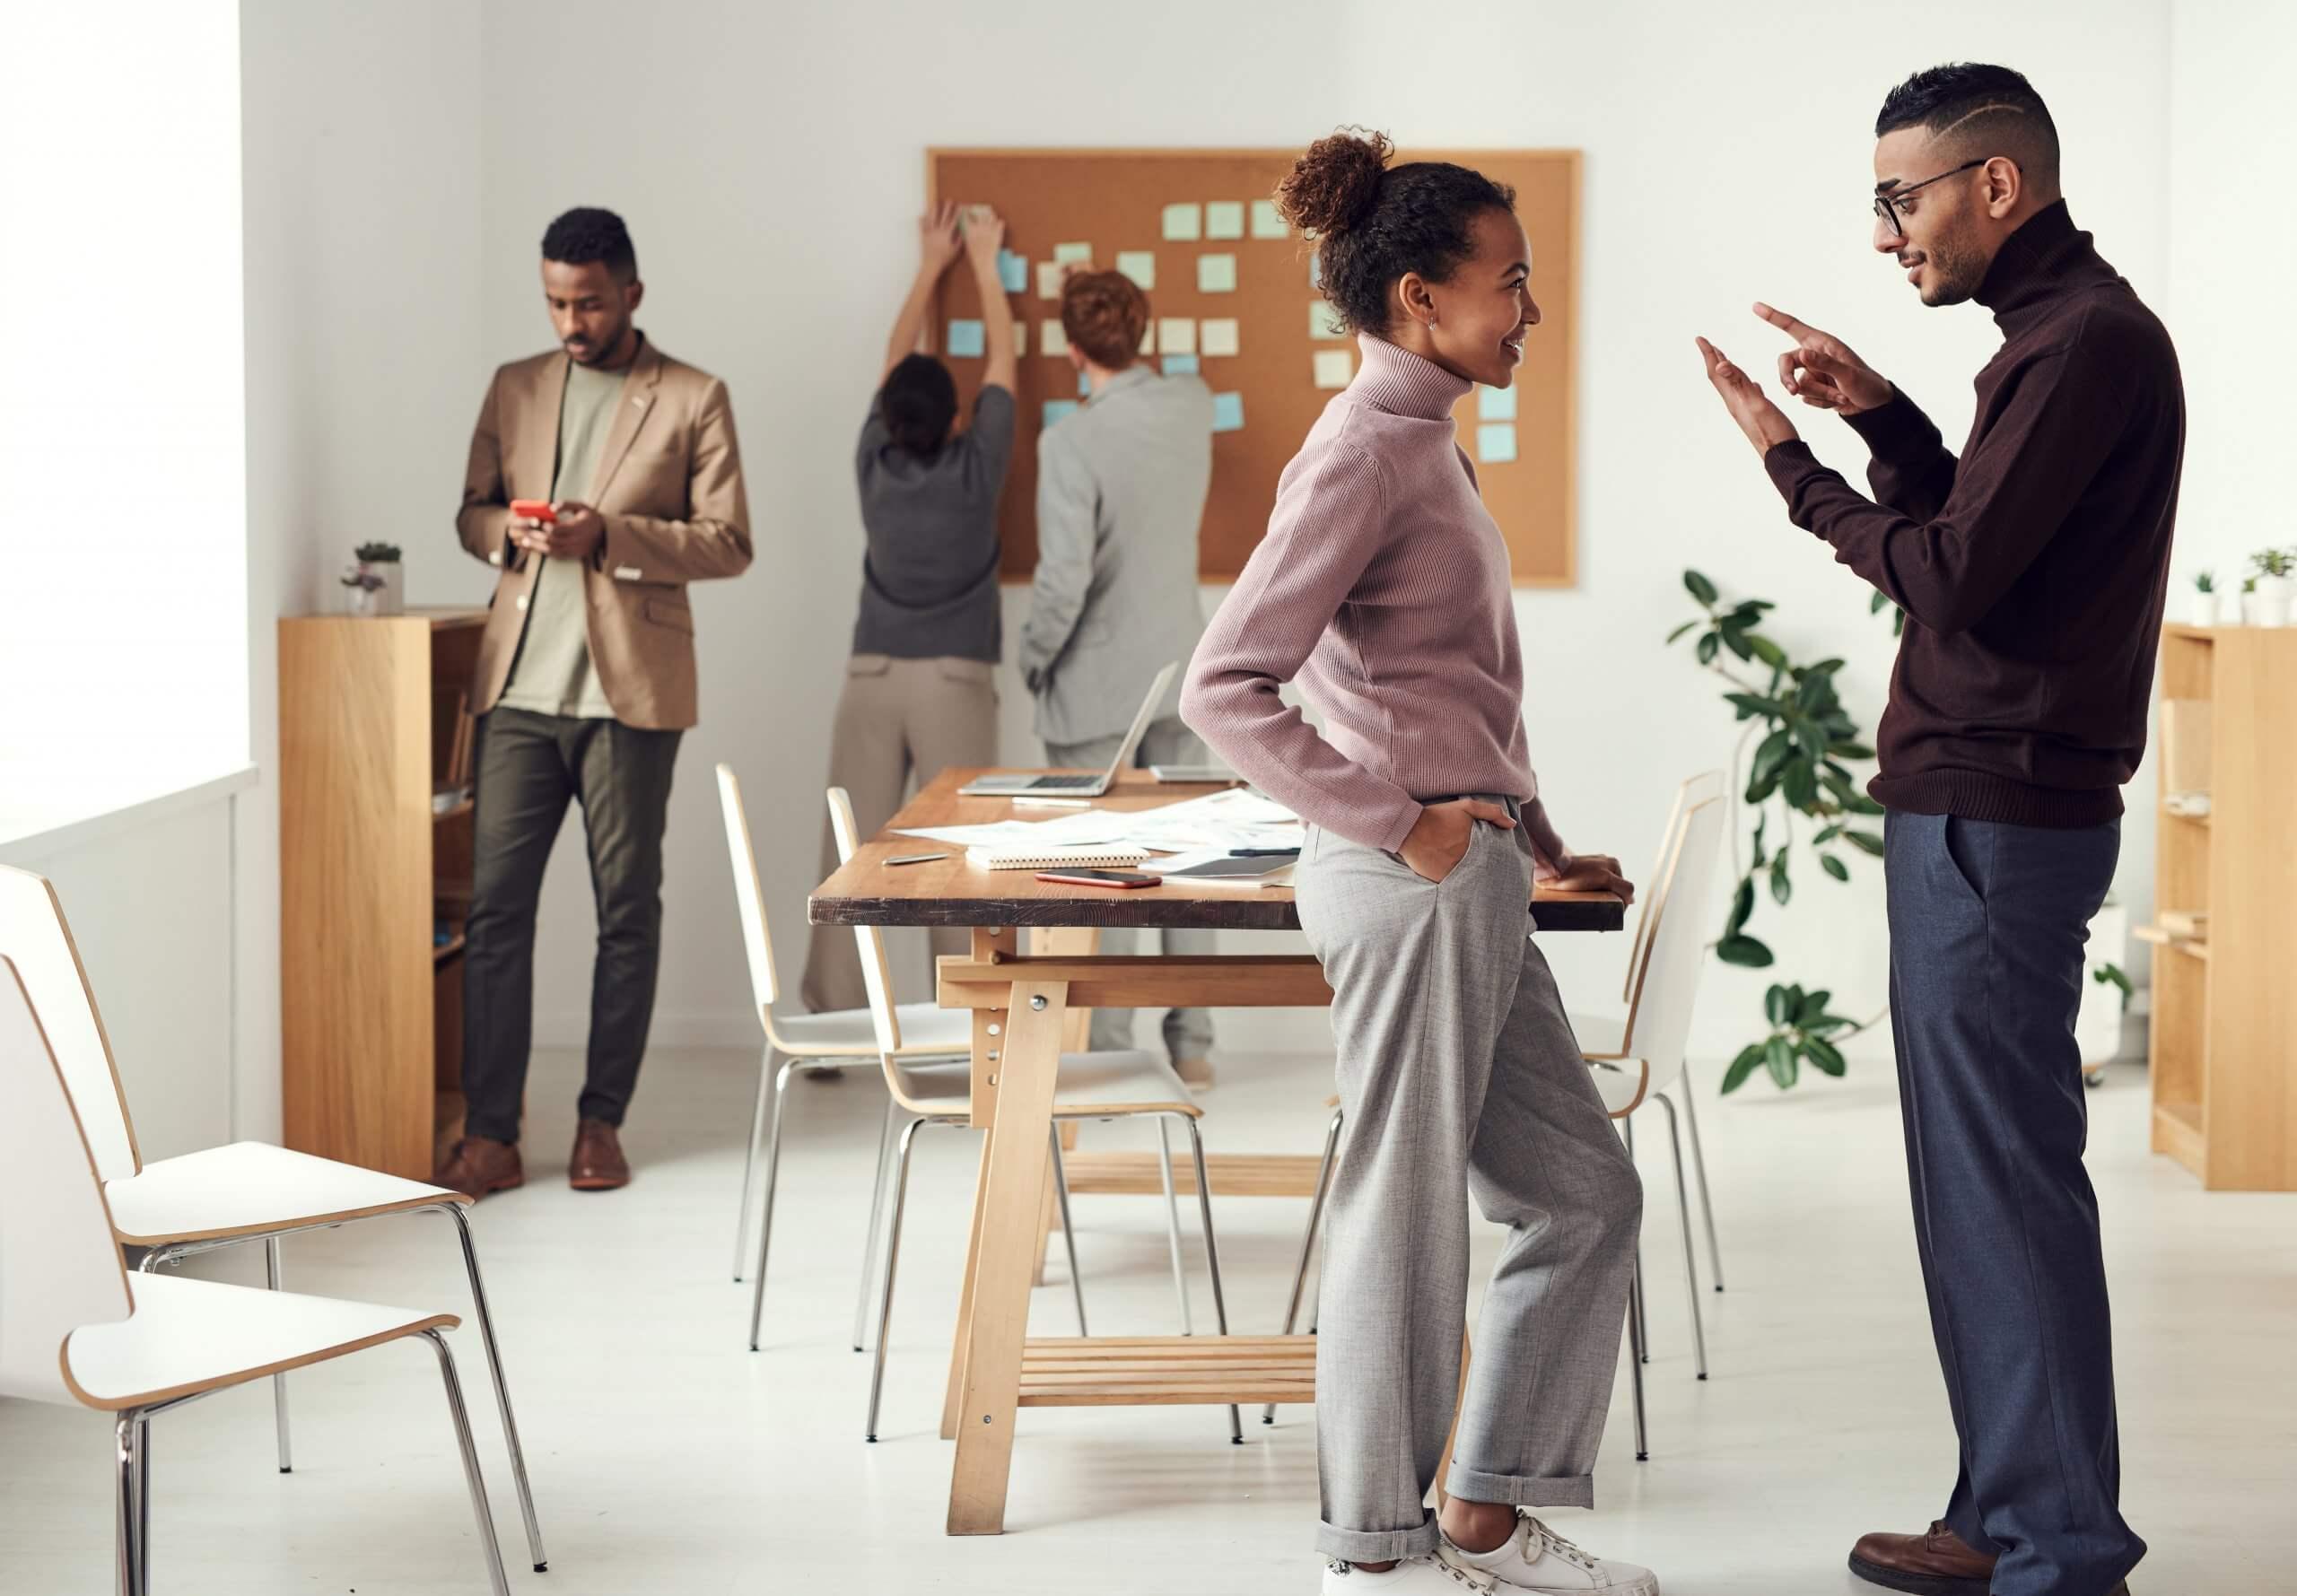 O que é employer branding e como ele impacta positivamente sua empresa